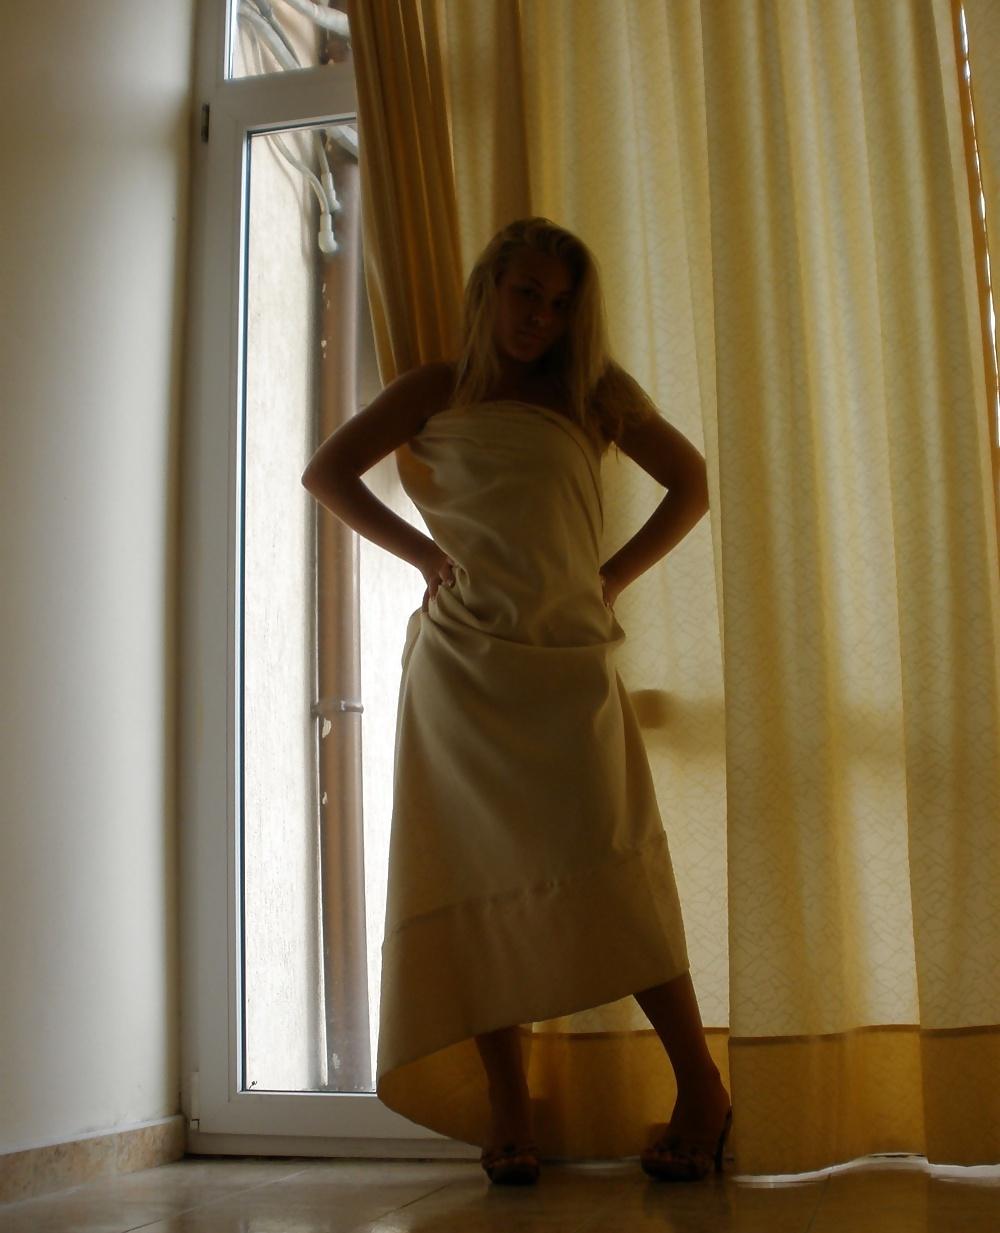 Απίστευτα Καυτό, Ναζιάρικο, Ξανθό Μωρό, Σε Φώτος Από Διακοπές! (13)